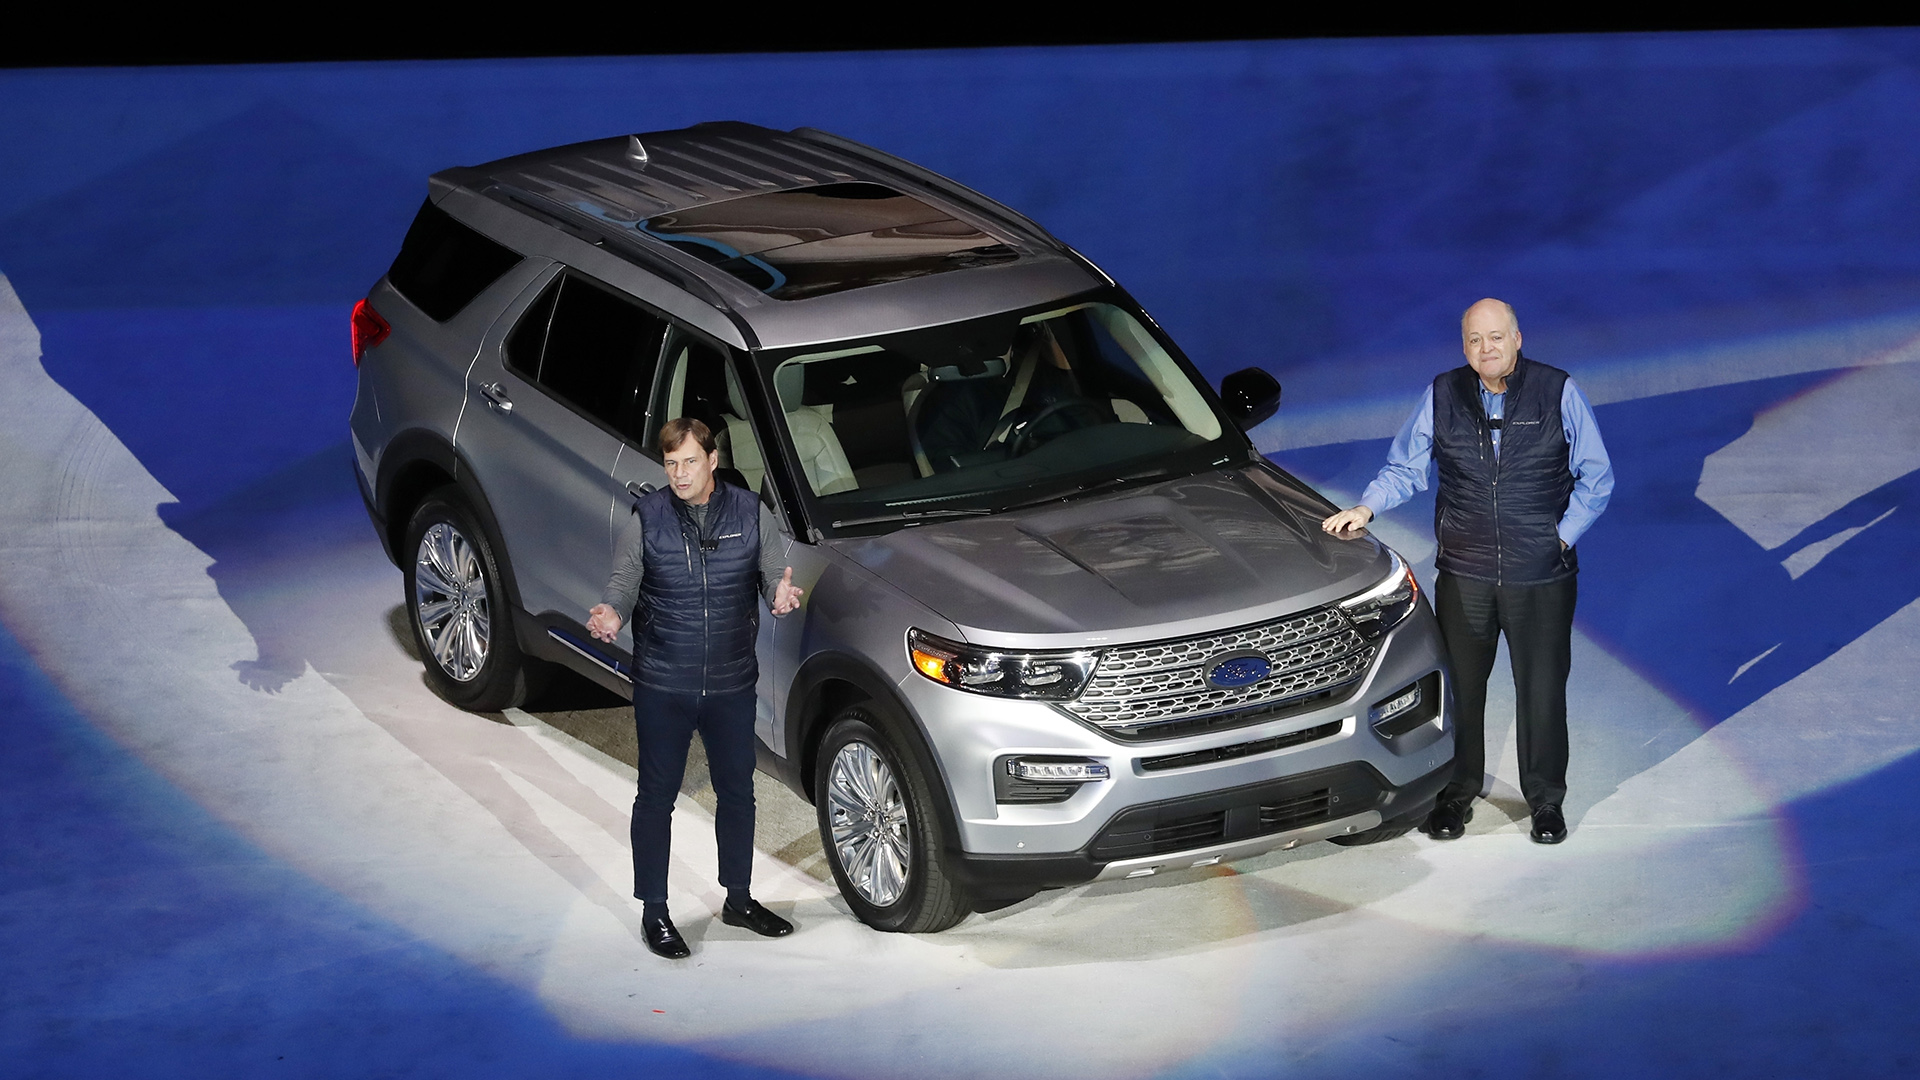 El presidente de Mercados Globales de Ford, Jim Farley, a la izquierda, y el presidente y director ejecutivo, Jim Hackett, junto al rediseñado Ford Explorer 2020 durante su presentación, en Detroit. (AP)